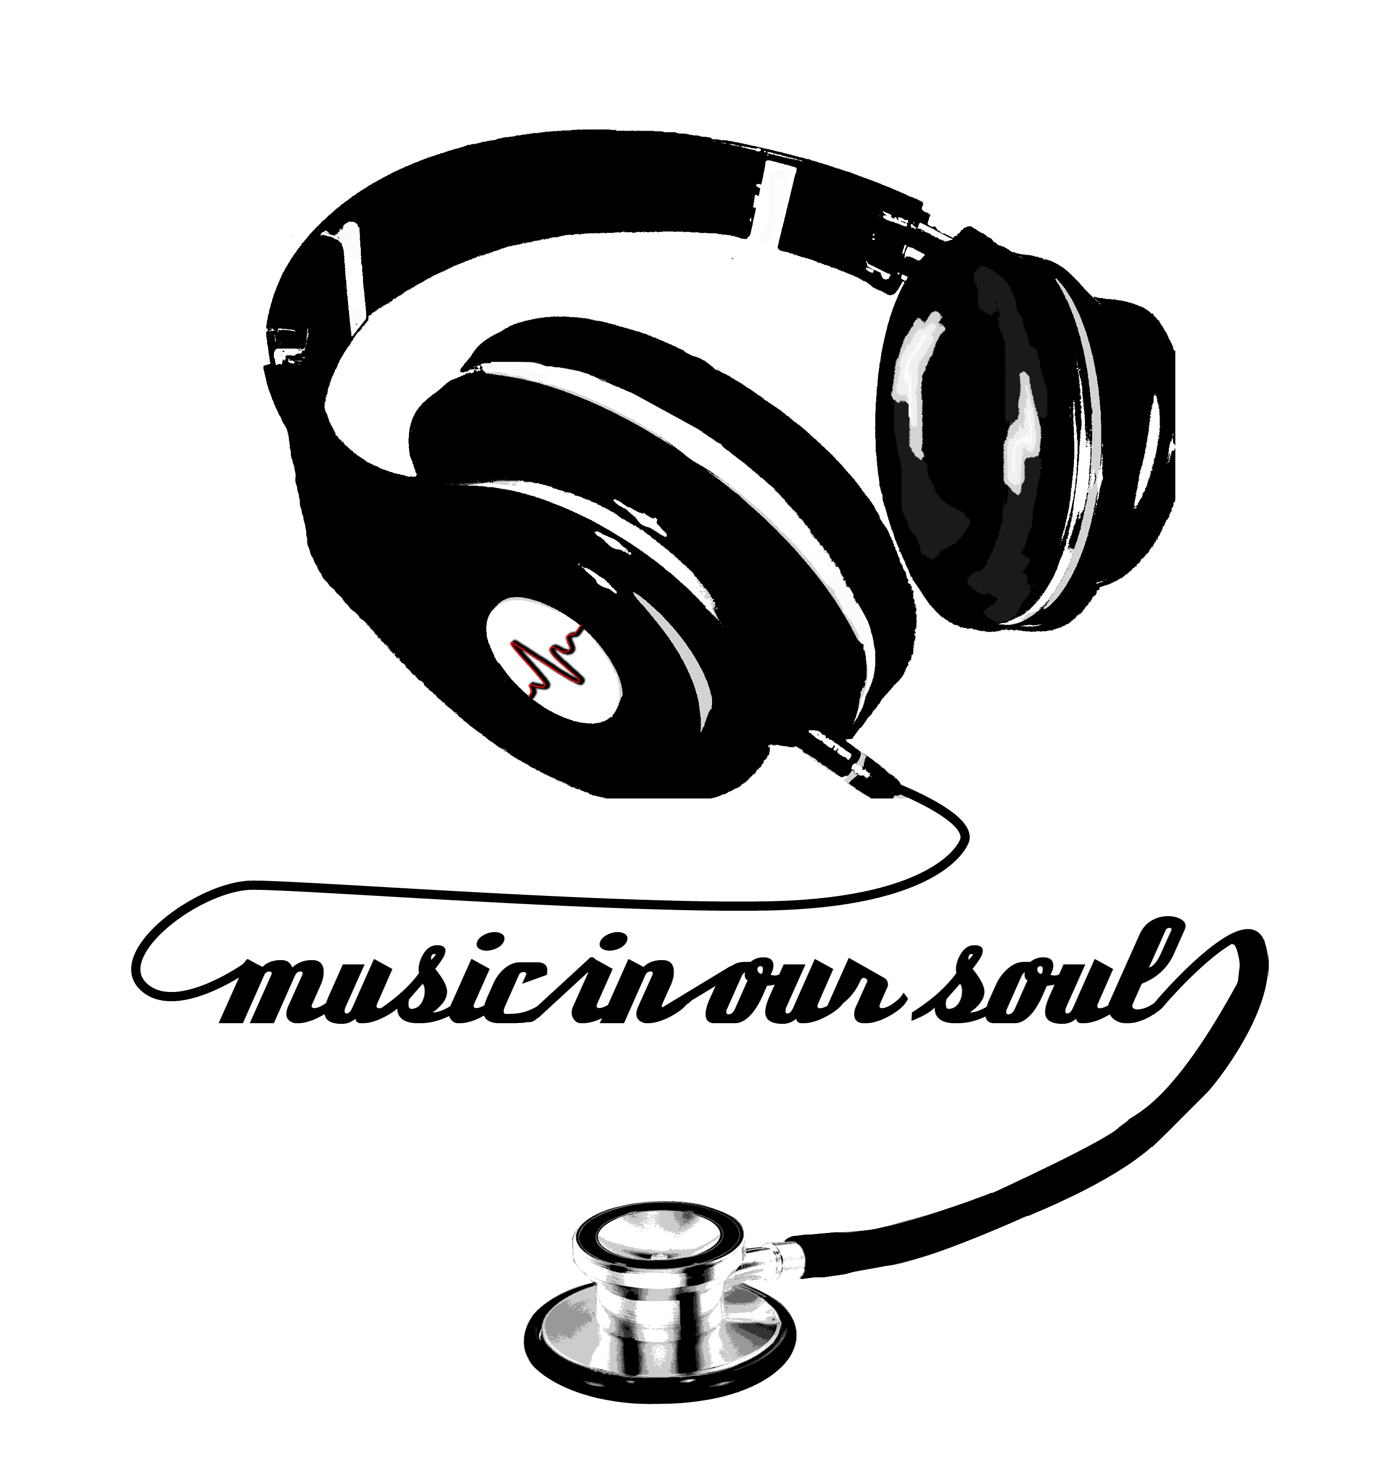 graphic soul music finito adrianna designs portfolio